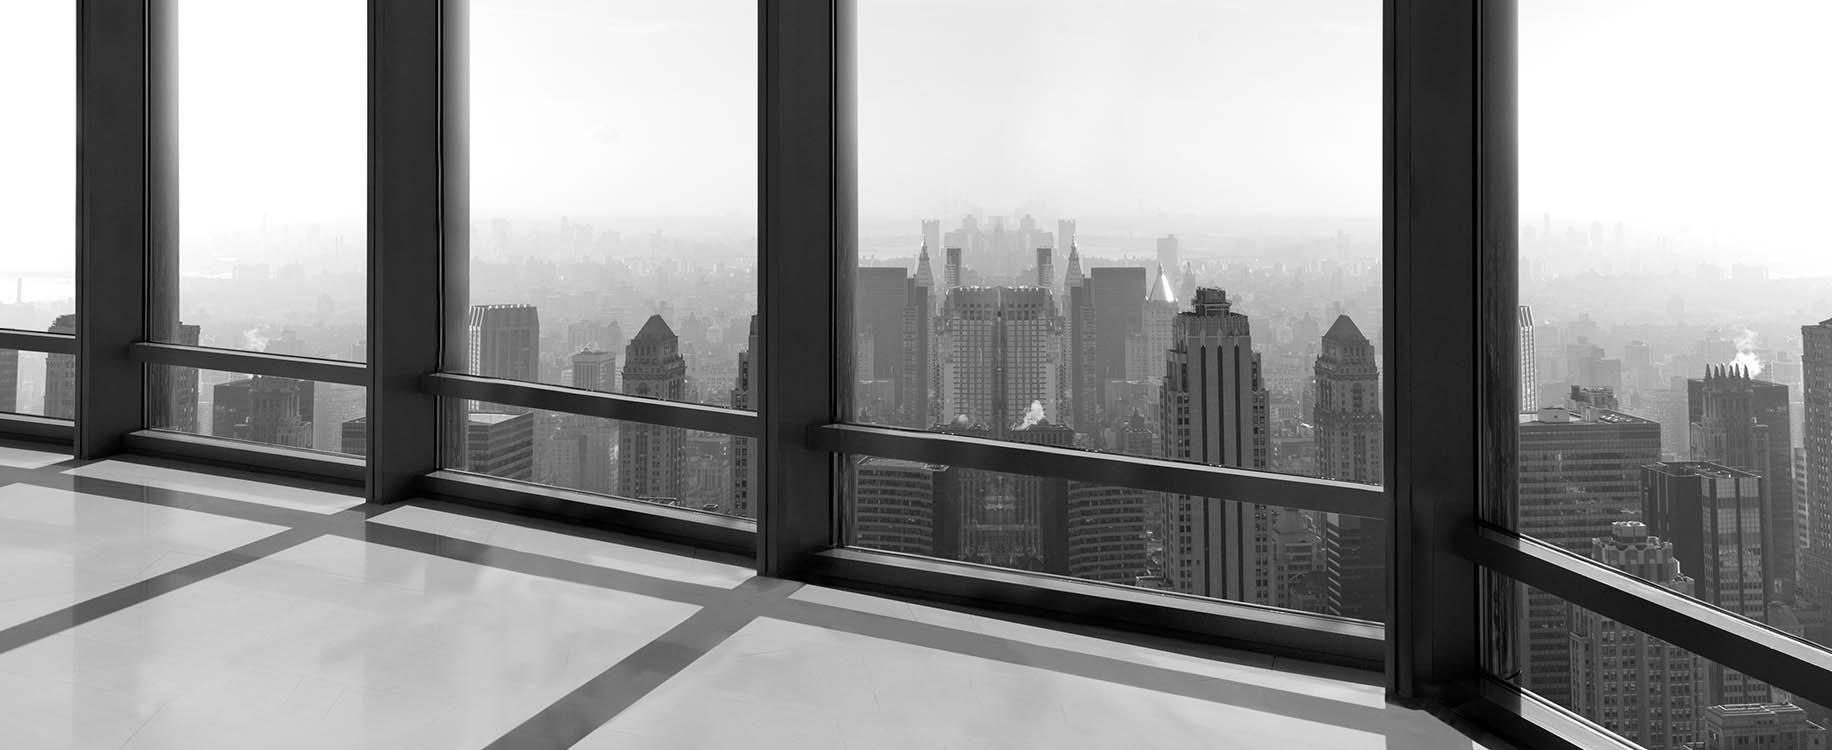 Office Building overlooking skyline